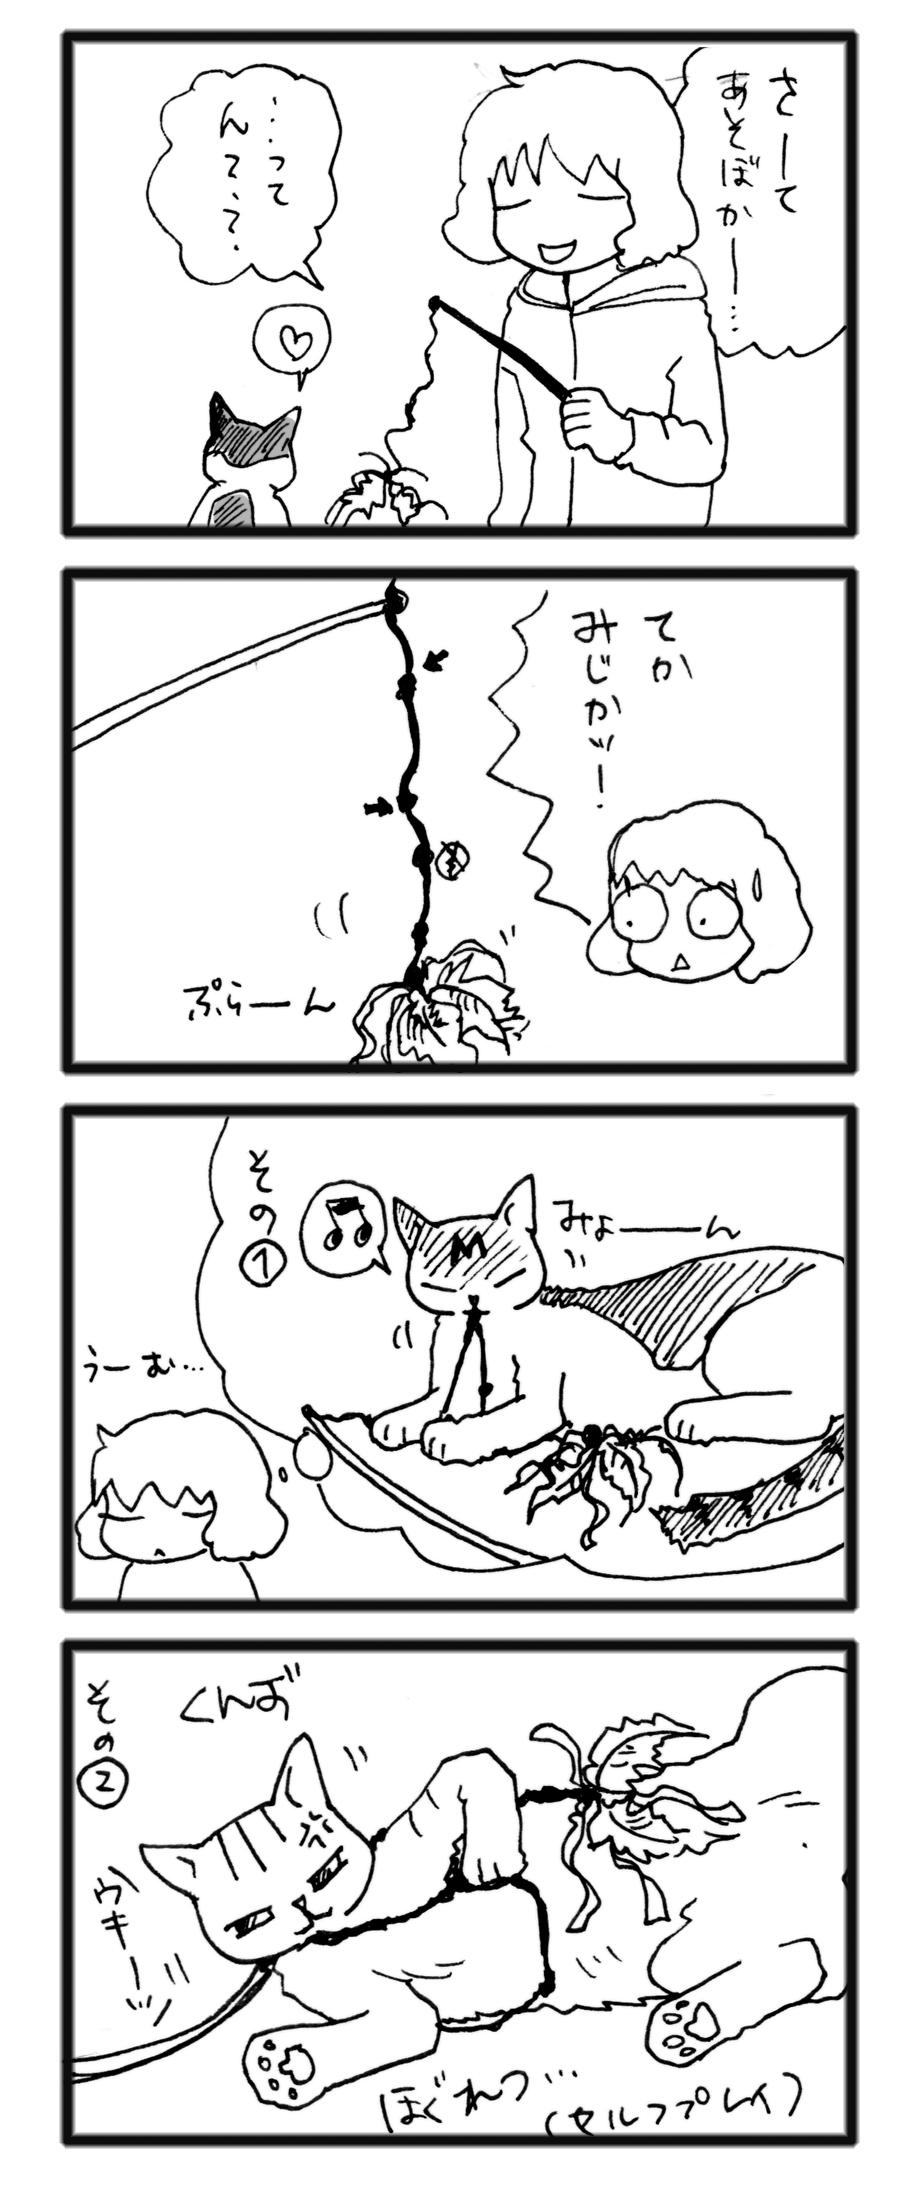 comic_14022401.jpg